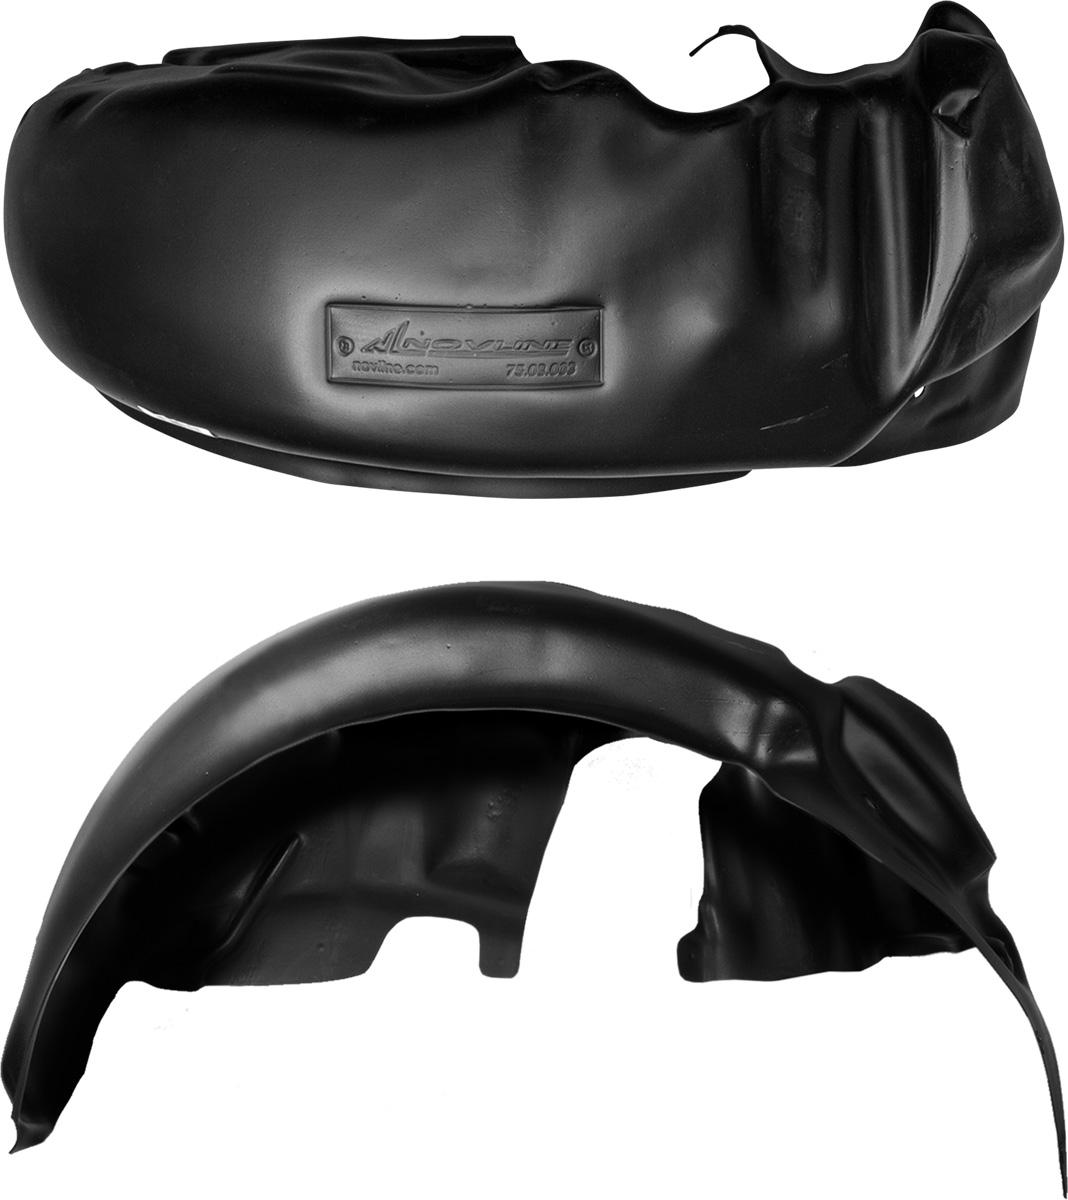 Подкрылок Novline-Autofamily, для Renault Sandero Stepway, 11/2014->, хэтчбек, задний левыйNLL.41.36.003Колесные ниши - одни из самых уязвимых зон днища вашего автомобиля. Они постоянно подвергаются воздействию со стороны дороги. Лучшая, почти абсолютная защита для них - специально отформованные пластиковые кожухи, которые называются подкрылками. Производятся они как для отечественных моделей автомобилей, так и для иномарок. Подкрылки Novline-Autofamily выполнены из высококачественного, экологически чистого пластика. Обеспечивают надежную защиту кузова автомобиля от пескоструйного эффекта и негативного влияния, агрессивных антигололедных реагентов. Пластик обладает более низкой теплопроводностью, чем металл, поэтому в зимний период эксплуатации использование пластиковых подкрылков позволяет лучше защитить колесные ниши от налипания снега и образования наледи. Оригинальность конструкции подчеркивает элегантность автомобиля, бережно защищает нанесенное на днище кузова антикоррозийное покрытие и позволяет осуществить крепление подкрылков внутри колесной арки практически без...